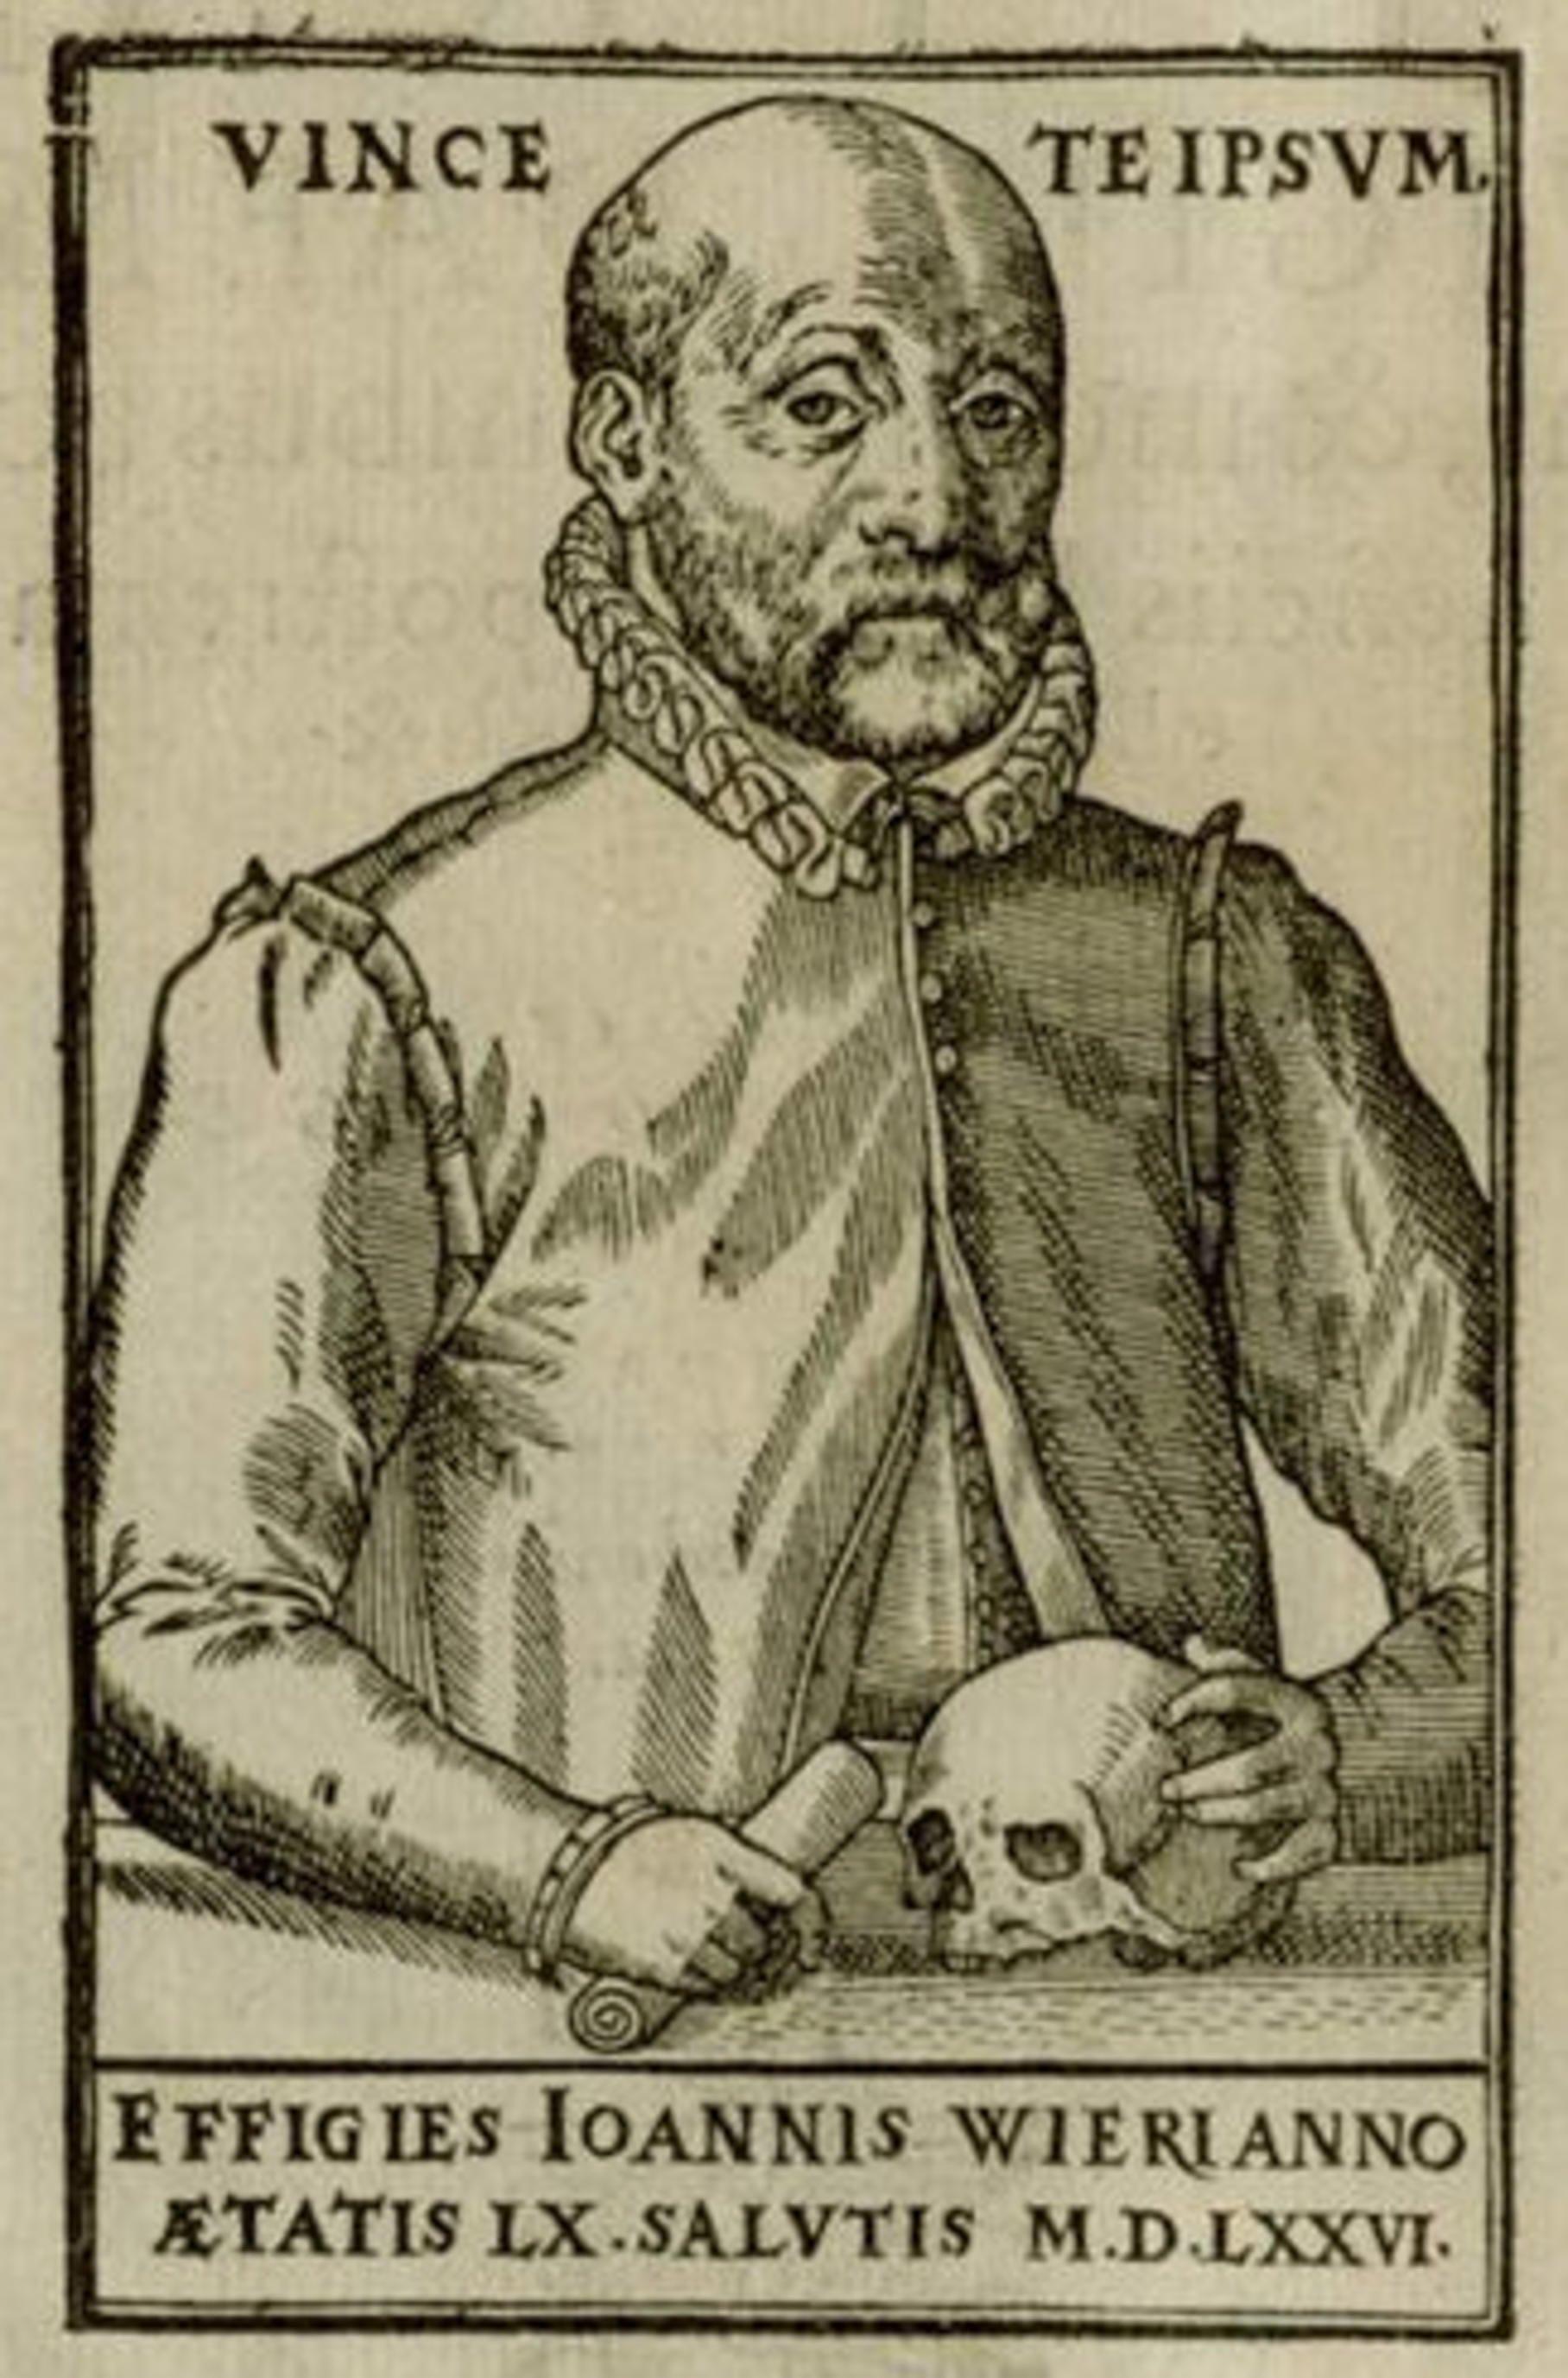 """Ảnh 1: Chân dung Johann Weyer được in khắc kẽm năm 1577. Minh họa được lấy từ cuốn sách """"De lamiis liber"""" của ông bàn luận về phù thủy và về lối nhịn ăn sai lạc. Nguồn: Spektrum."""